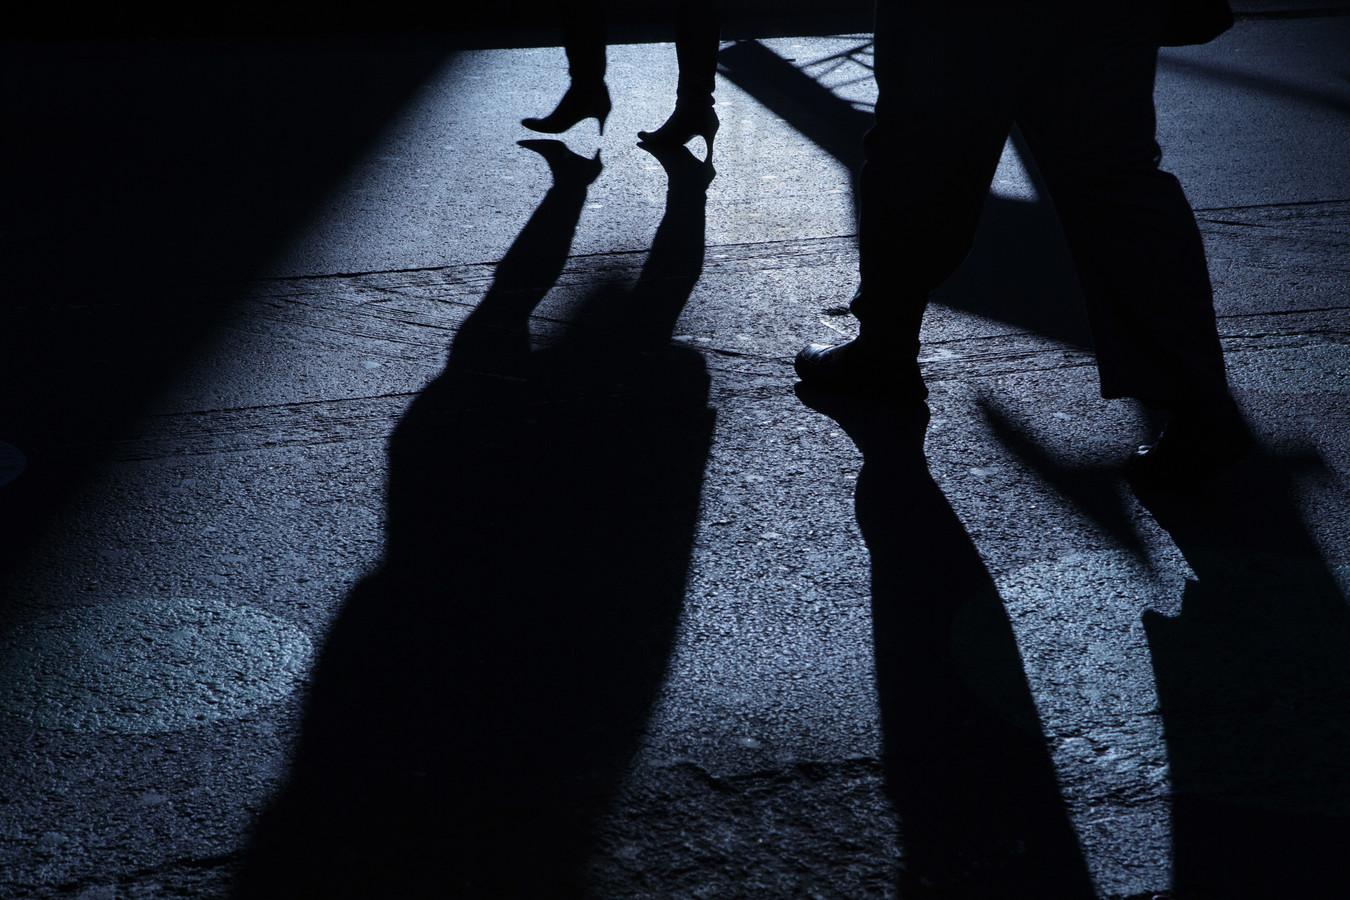 De buurvrouw in Malden moest haar 'afwijzing' van verdachte Andrej. K. diep bezuren. Dagenlang werd haar gezin gestalkt.